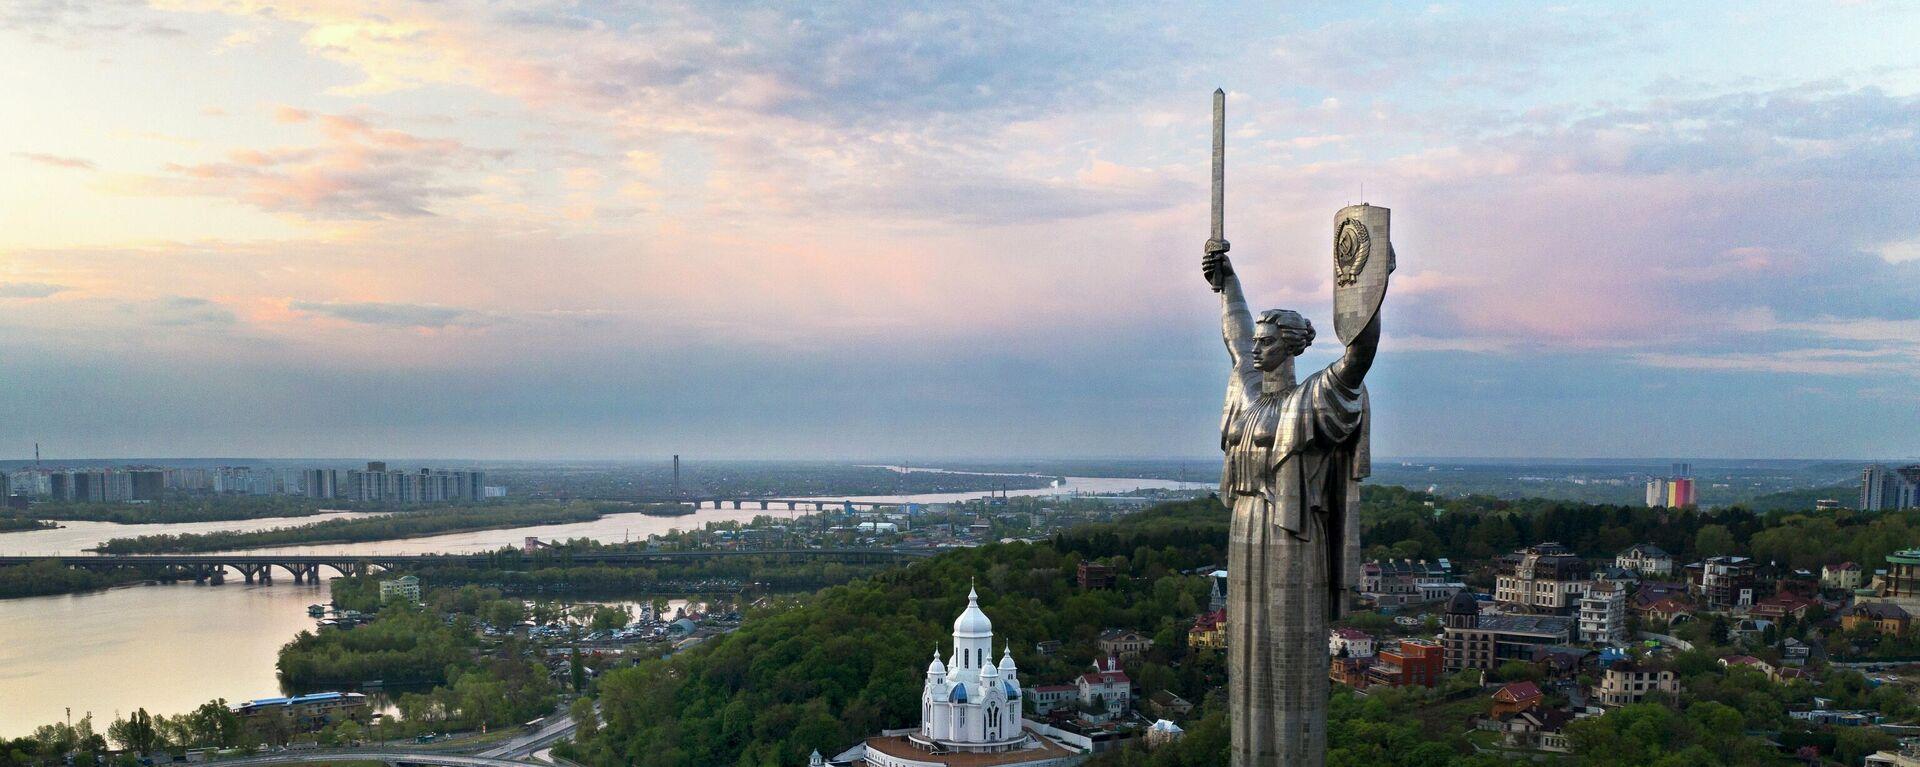 Родина Мать - 102-метровый стальной памятник времен Второй мировой войны советских времен над рекой Днепр - Sputnik Таджикистан, 1920, 02.06.2021